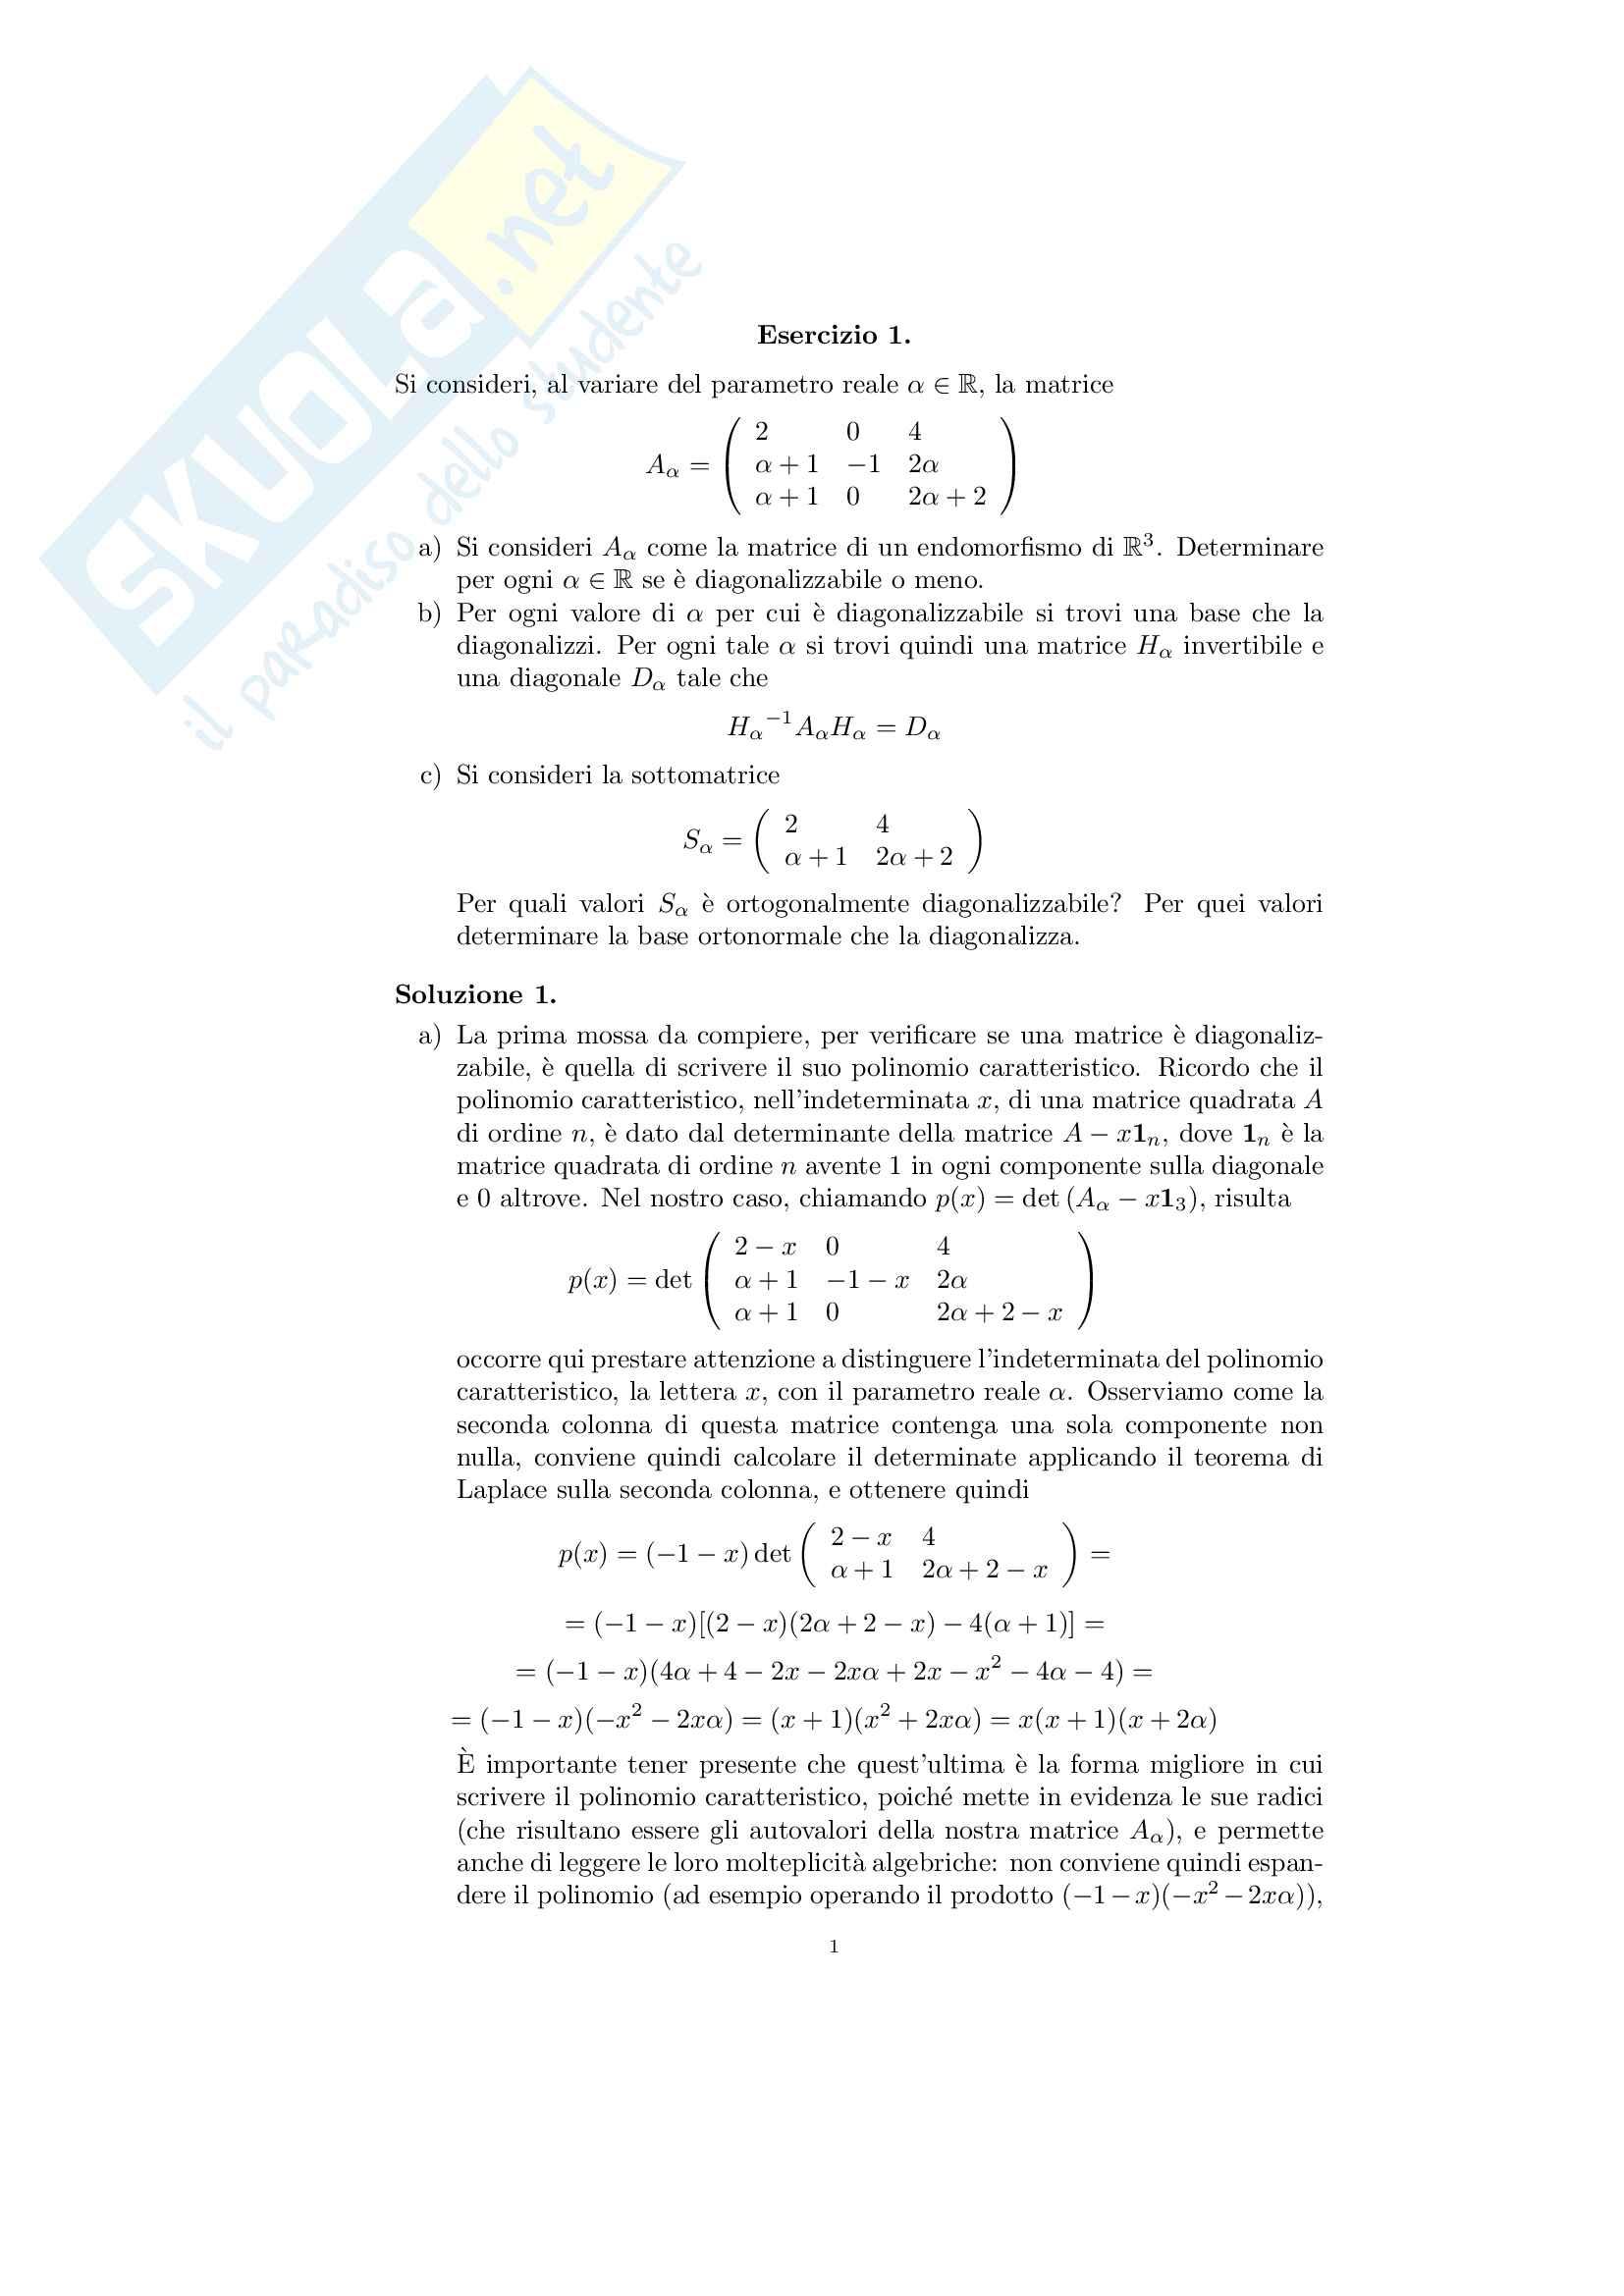 Prova Esame Svolta - Geometria e Algebra Lineare - Con Soluzioni dettagliate, spiegazioni, commenti e accorgimenti